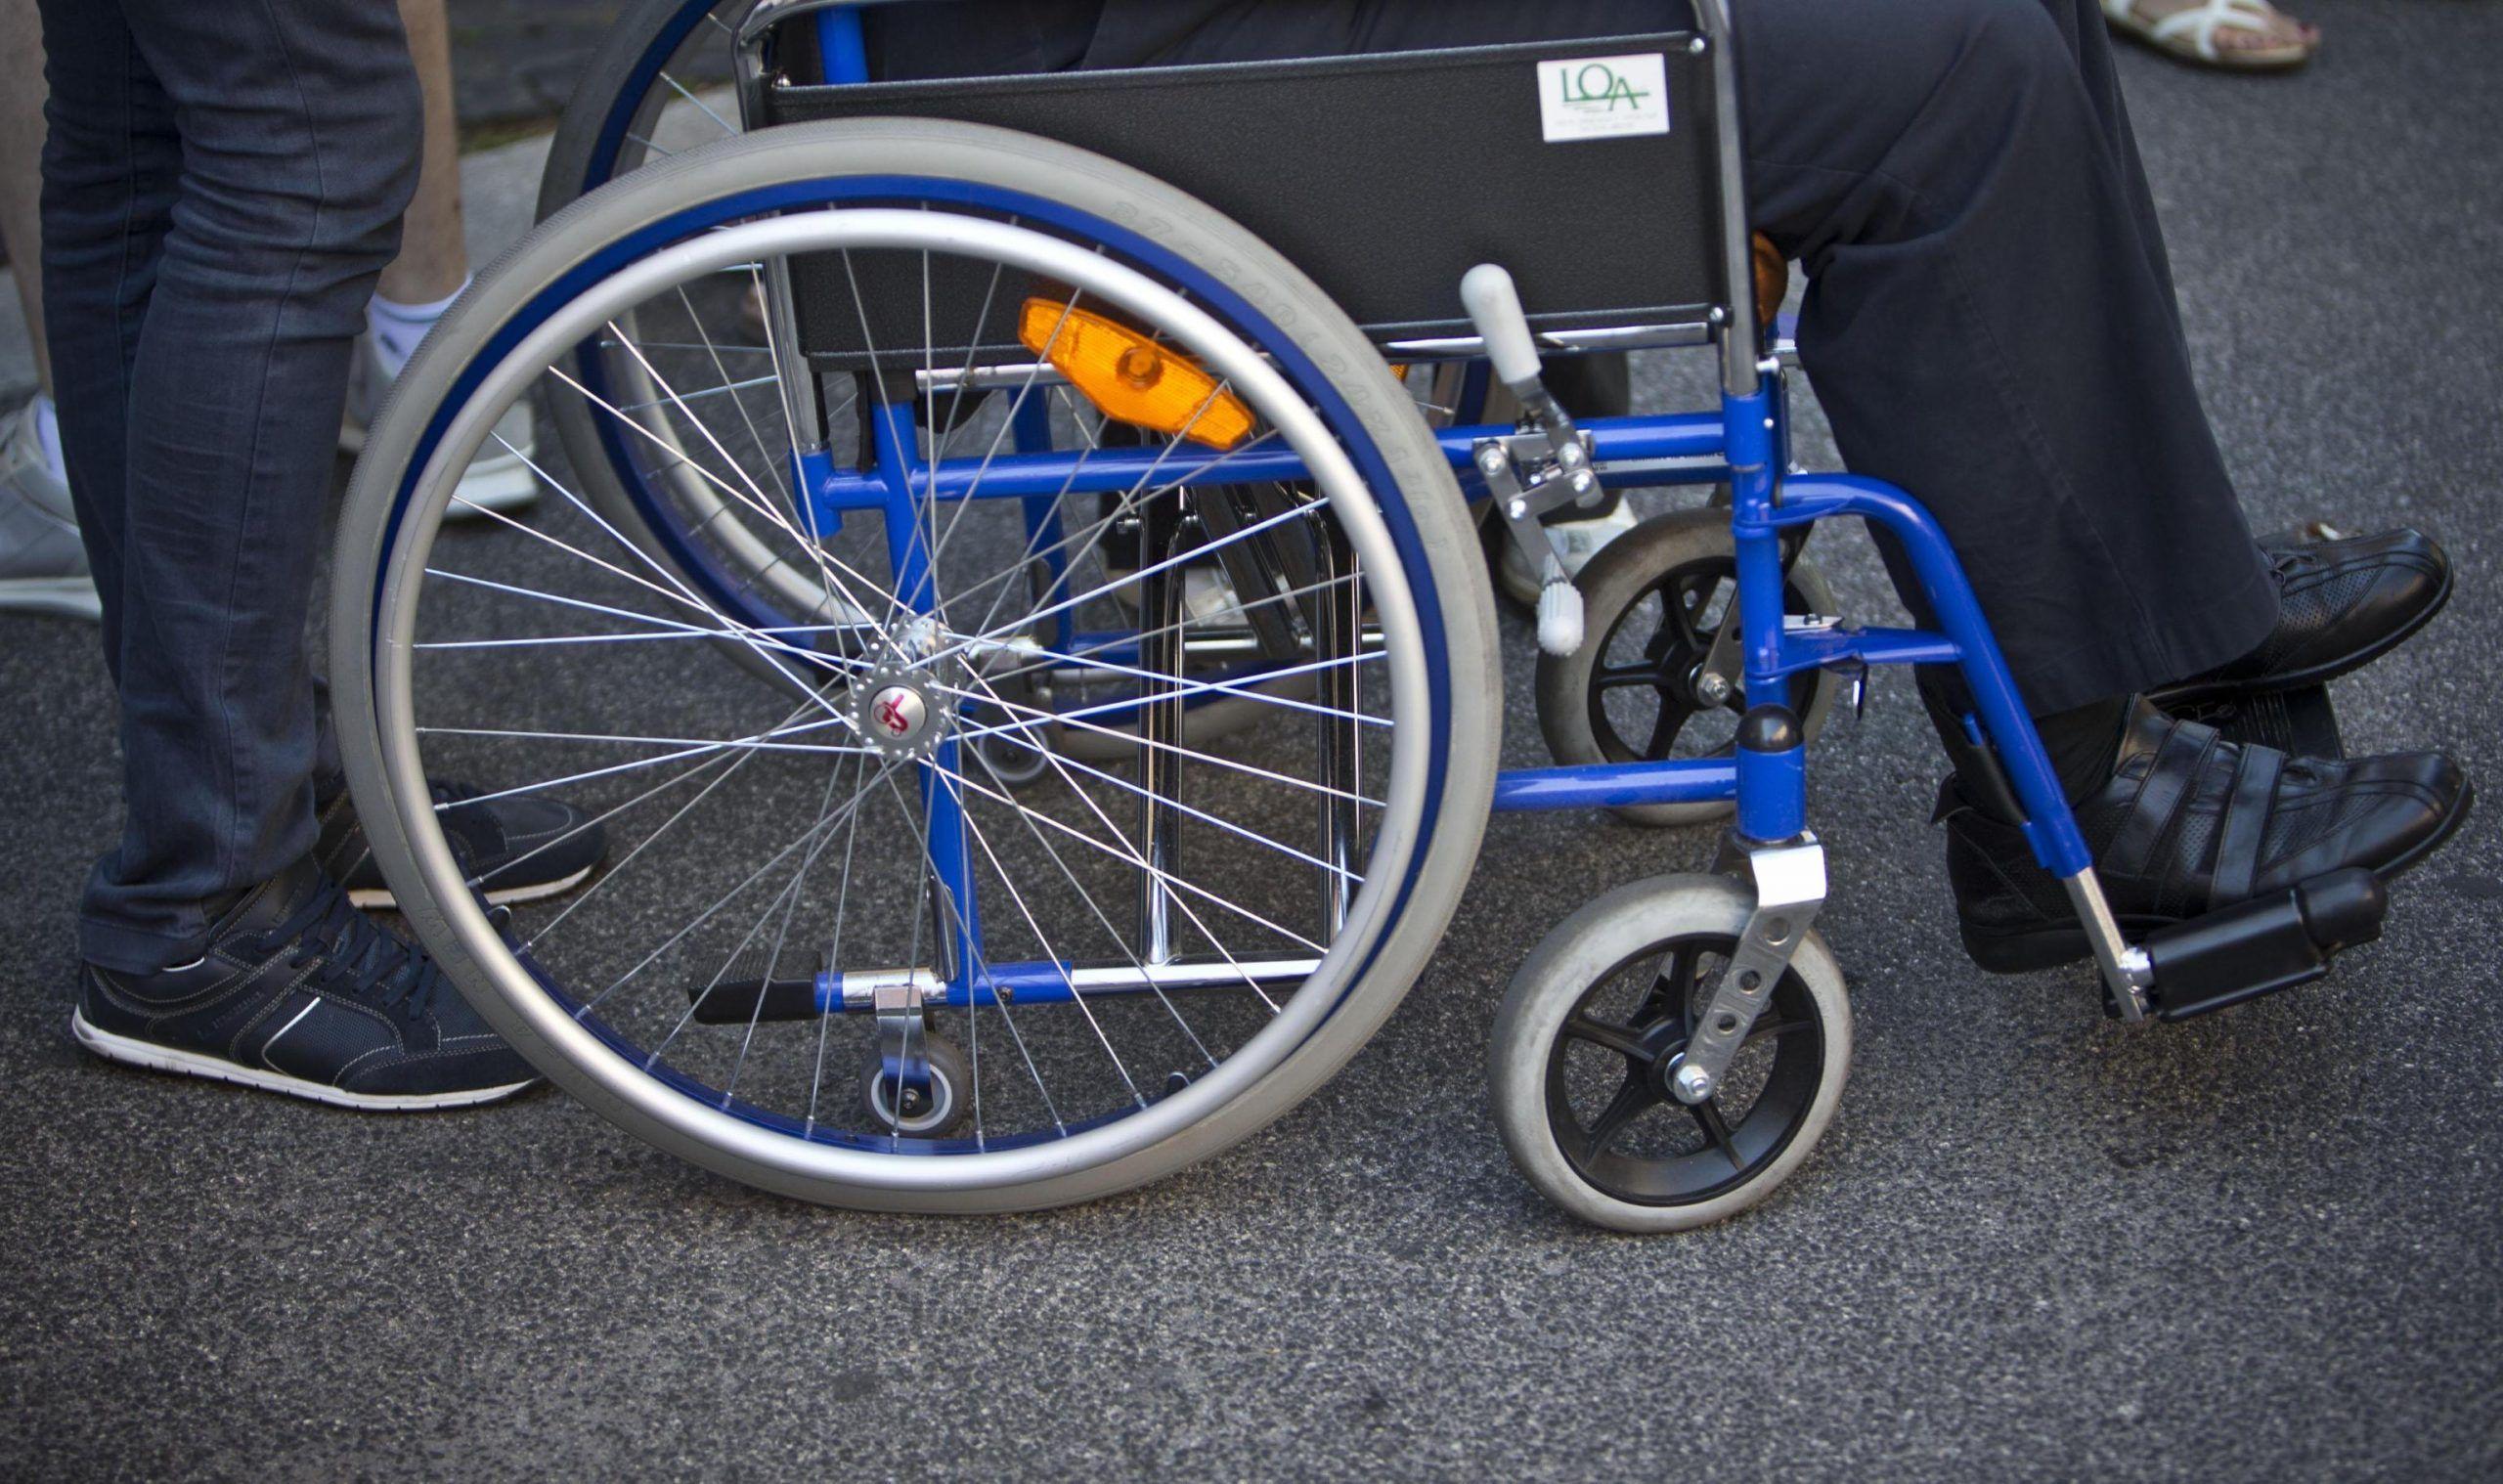 Legge 104, novità per chi assiste disabili e anziani non autosufficienti